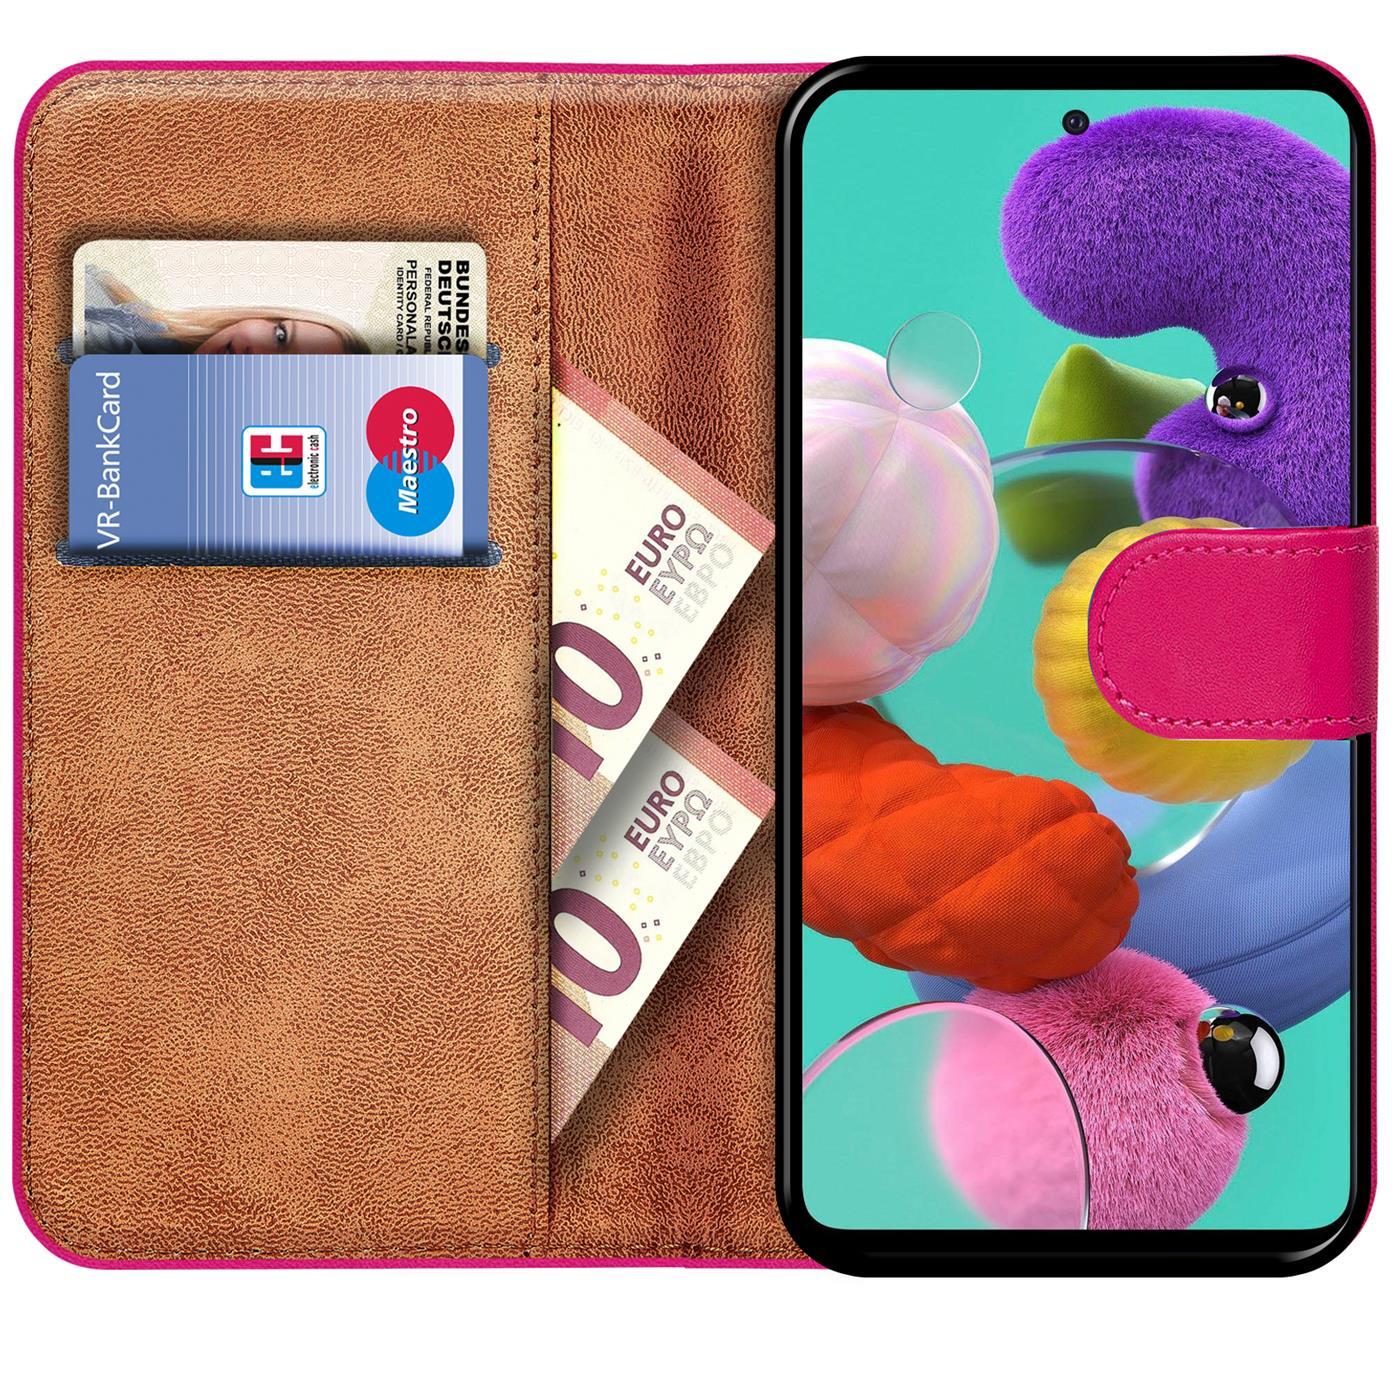 Schutz-Huelle-Samsung-Galaxy-Handy-Klapp-Tasche-Book-Flip-Case-Schutzhuelle-Etui Indexbild 13